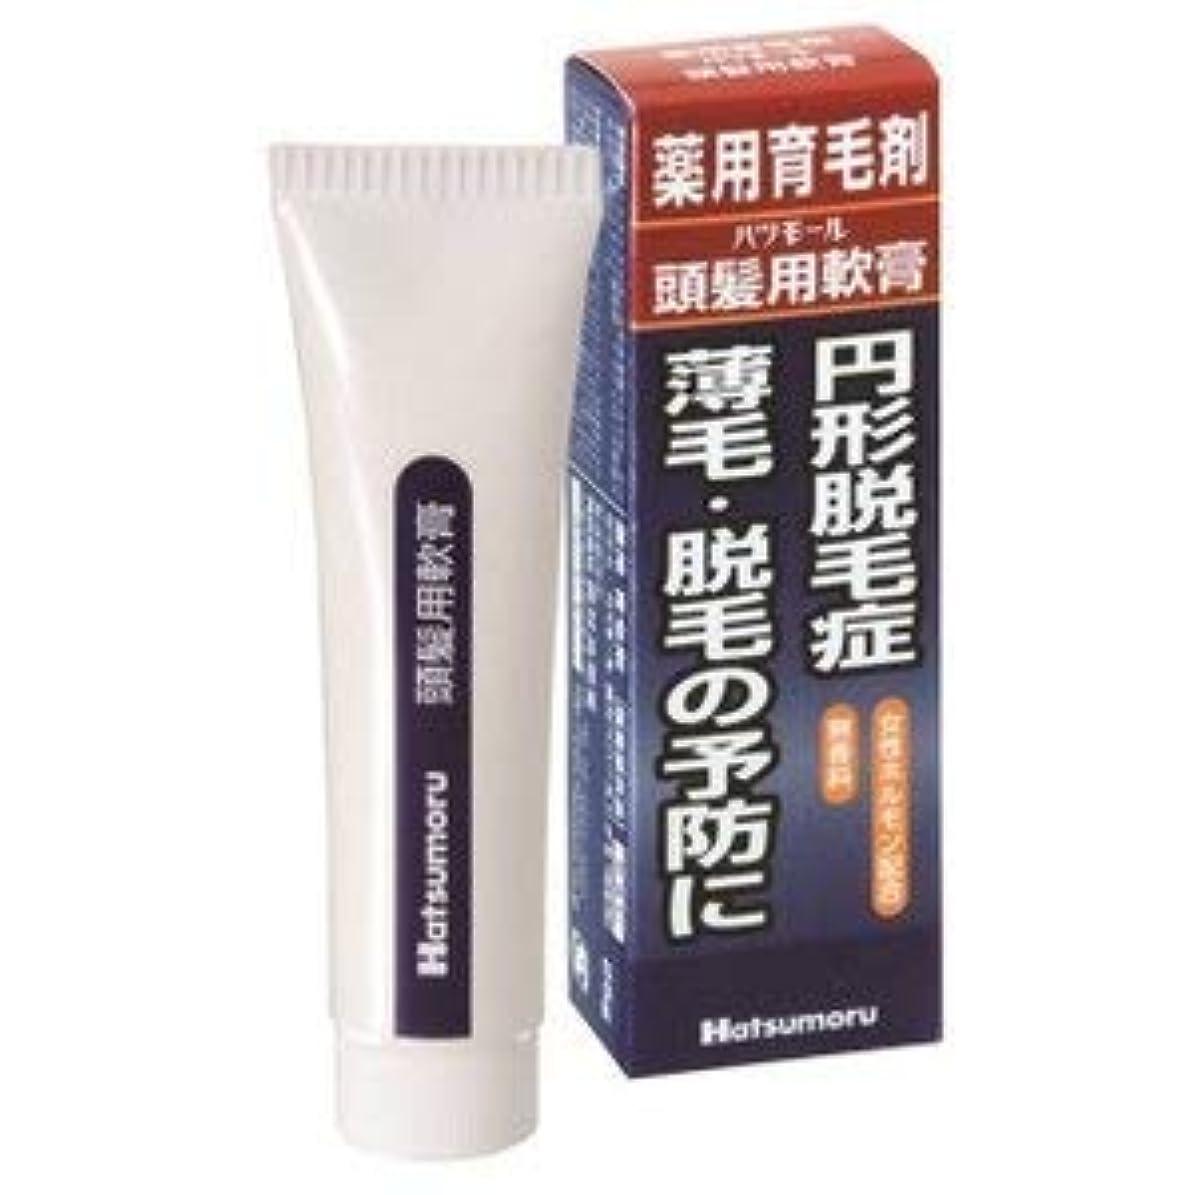 韓国プリーツ支援する【 田村治照堂】ハツモール 頭髪用軟膏 25g×3個セット